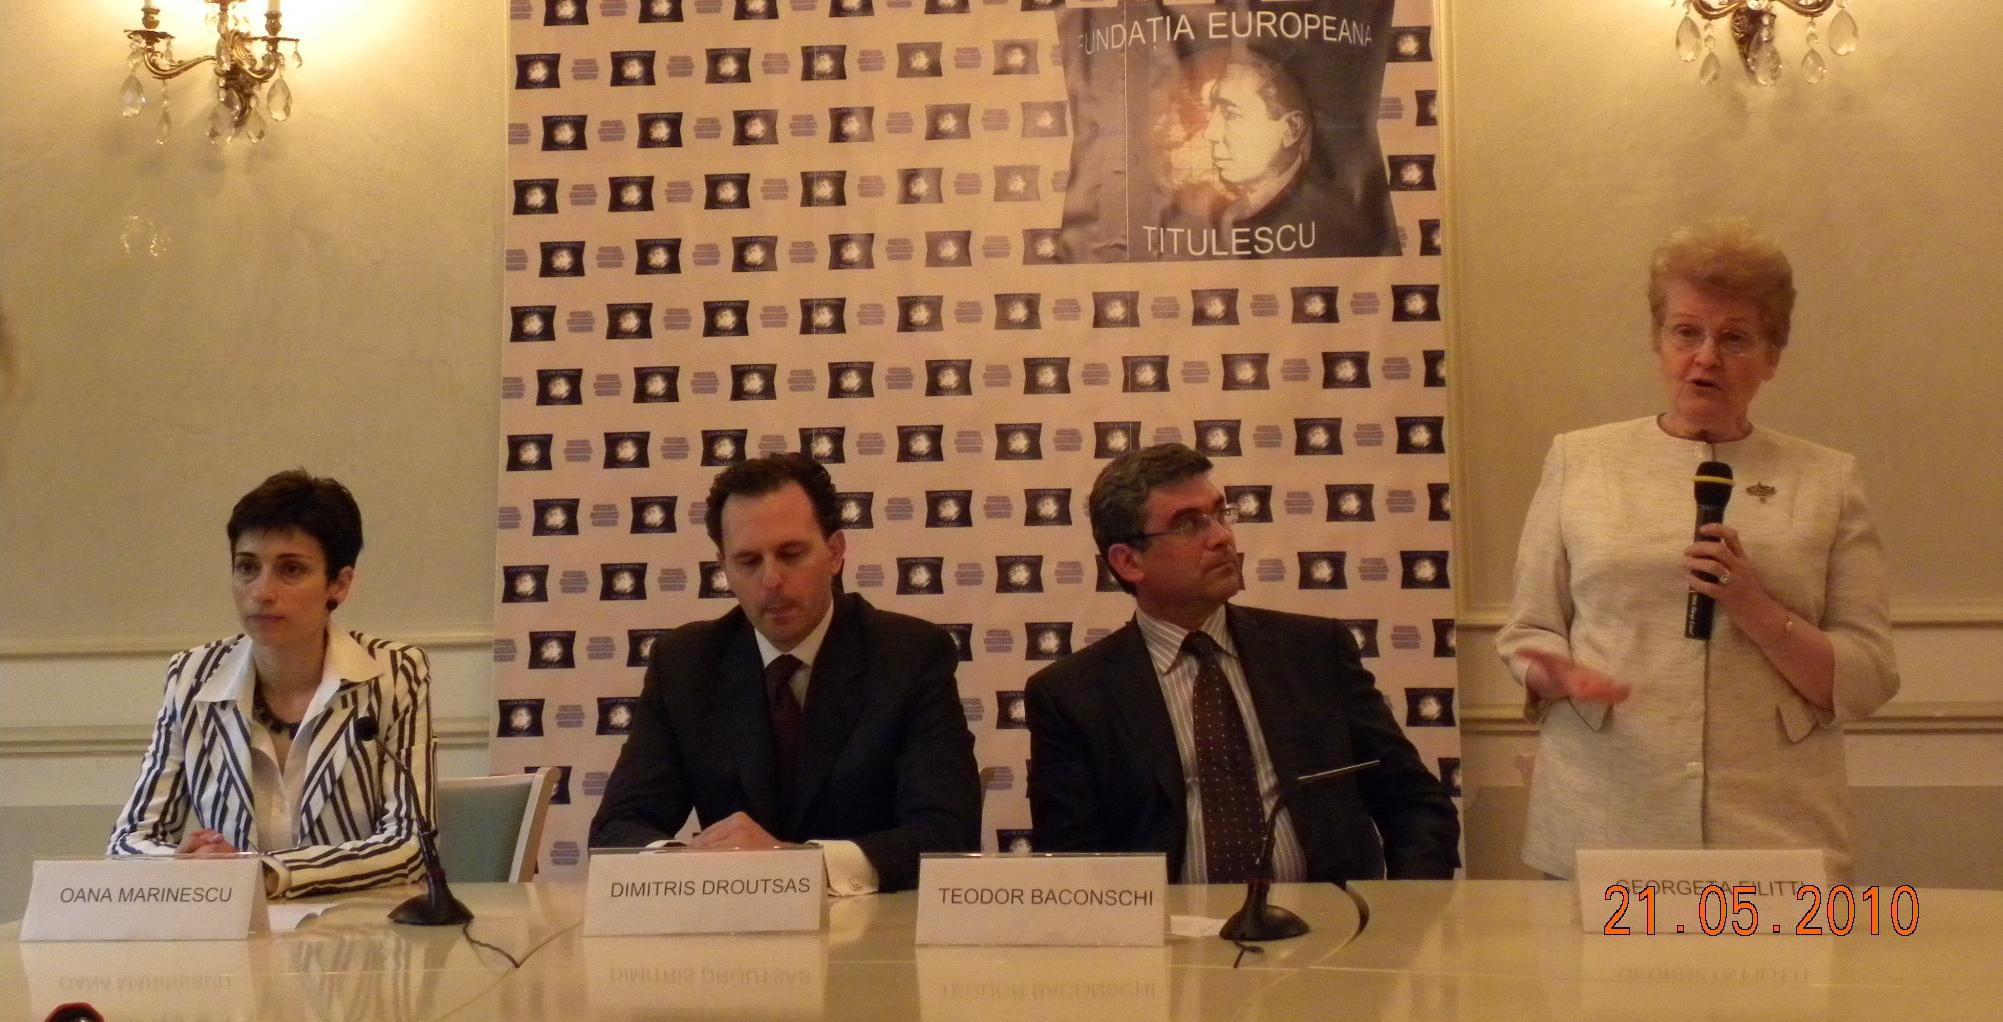 130 de ani de la stabilirea relaţiilor diplomatice dintre România şi Republica Elenă